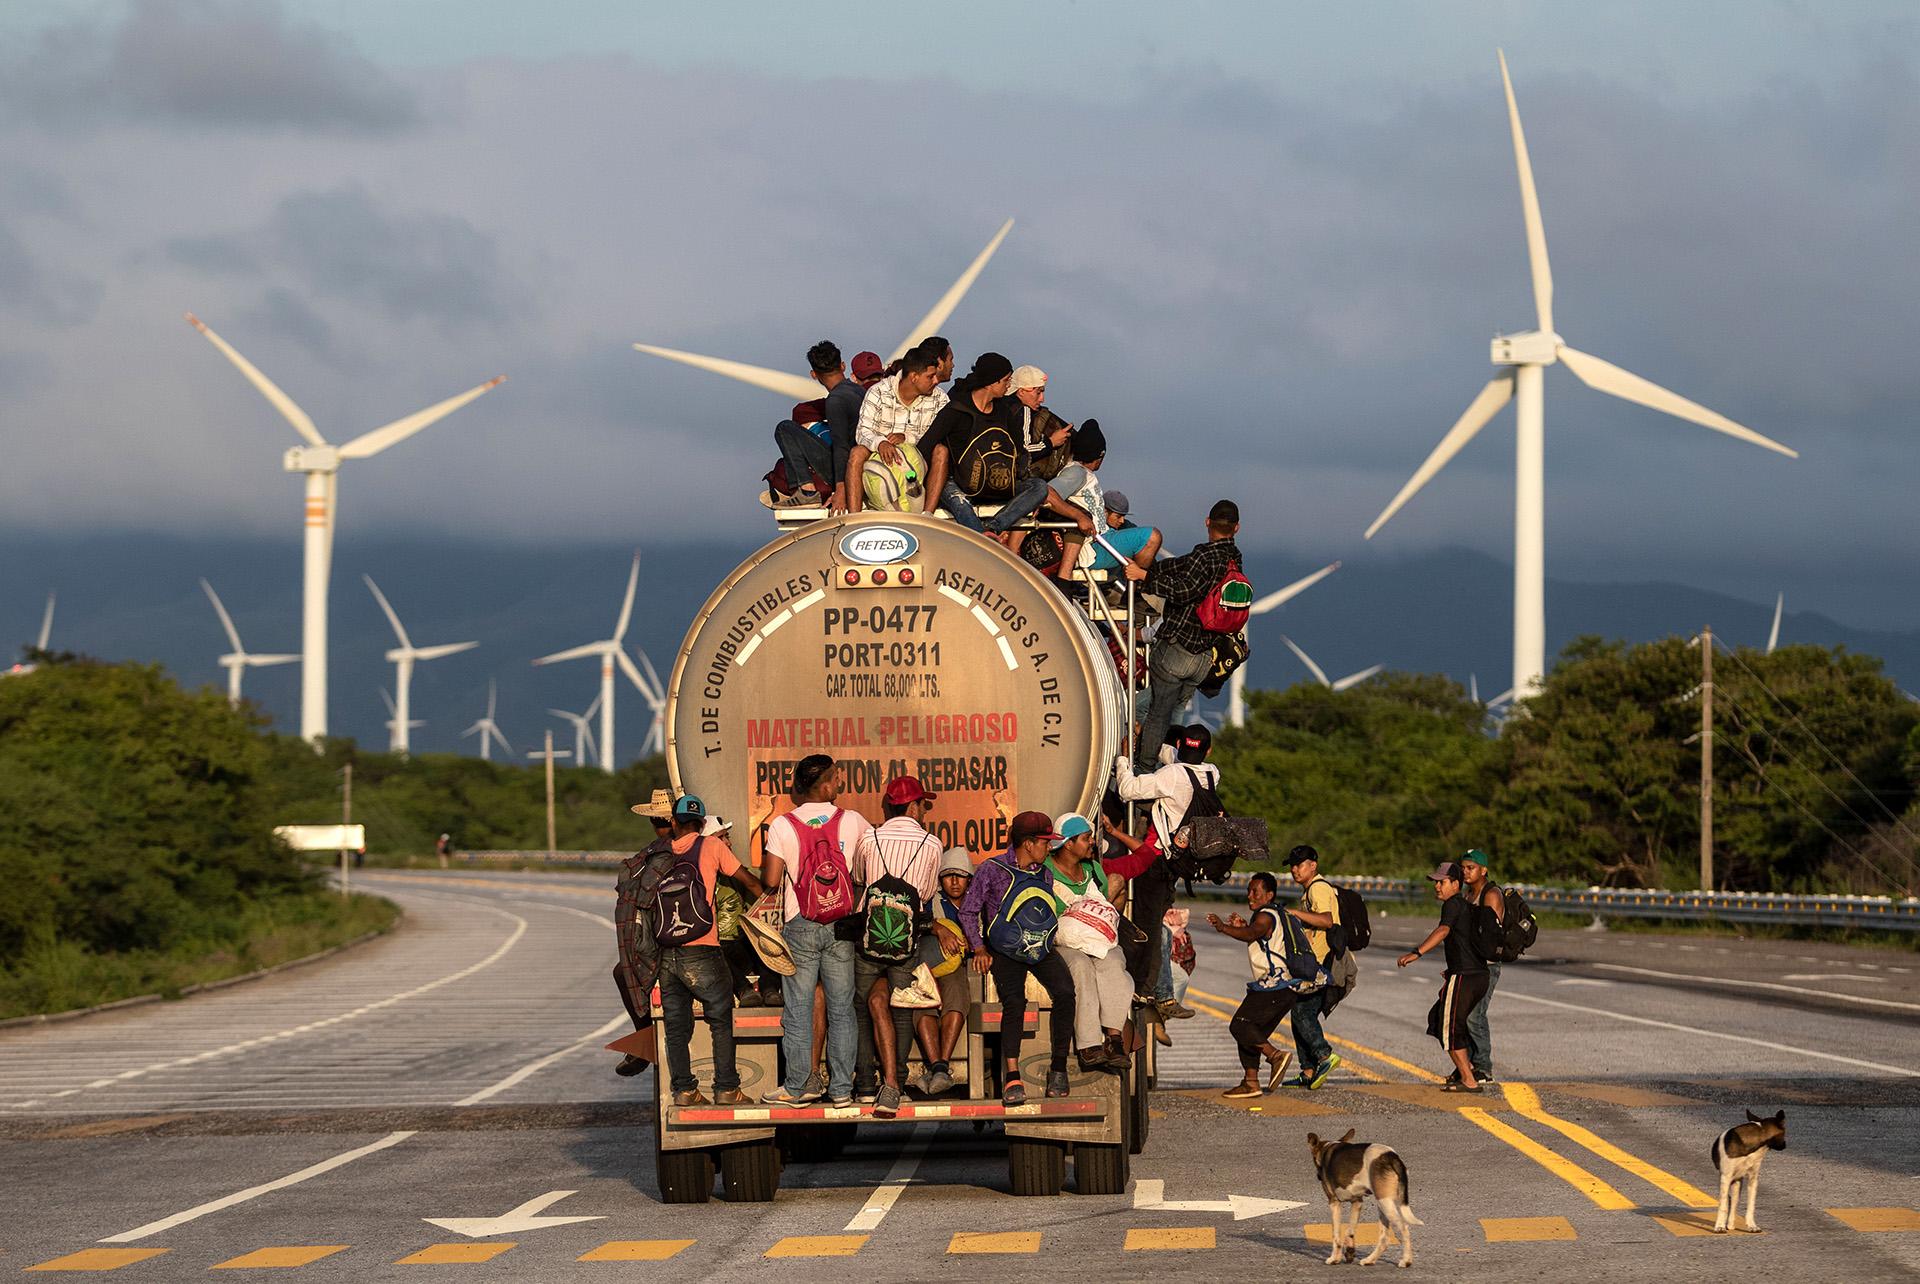 Un camión traslada a inmigrantes hondureños en Santiago Niltepec, en el estado mexicano de Oaxaca, el 30 de octubre (GUILLERMO ARIAS / AFP)